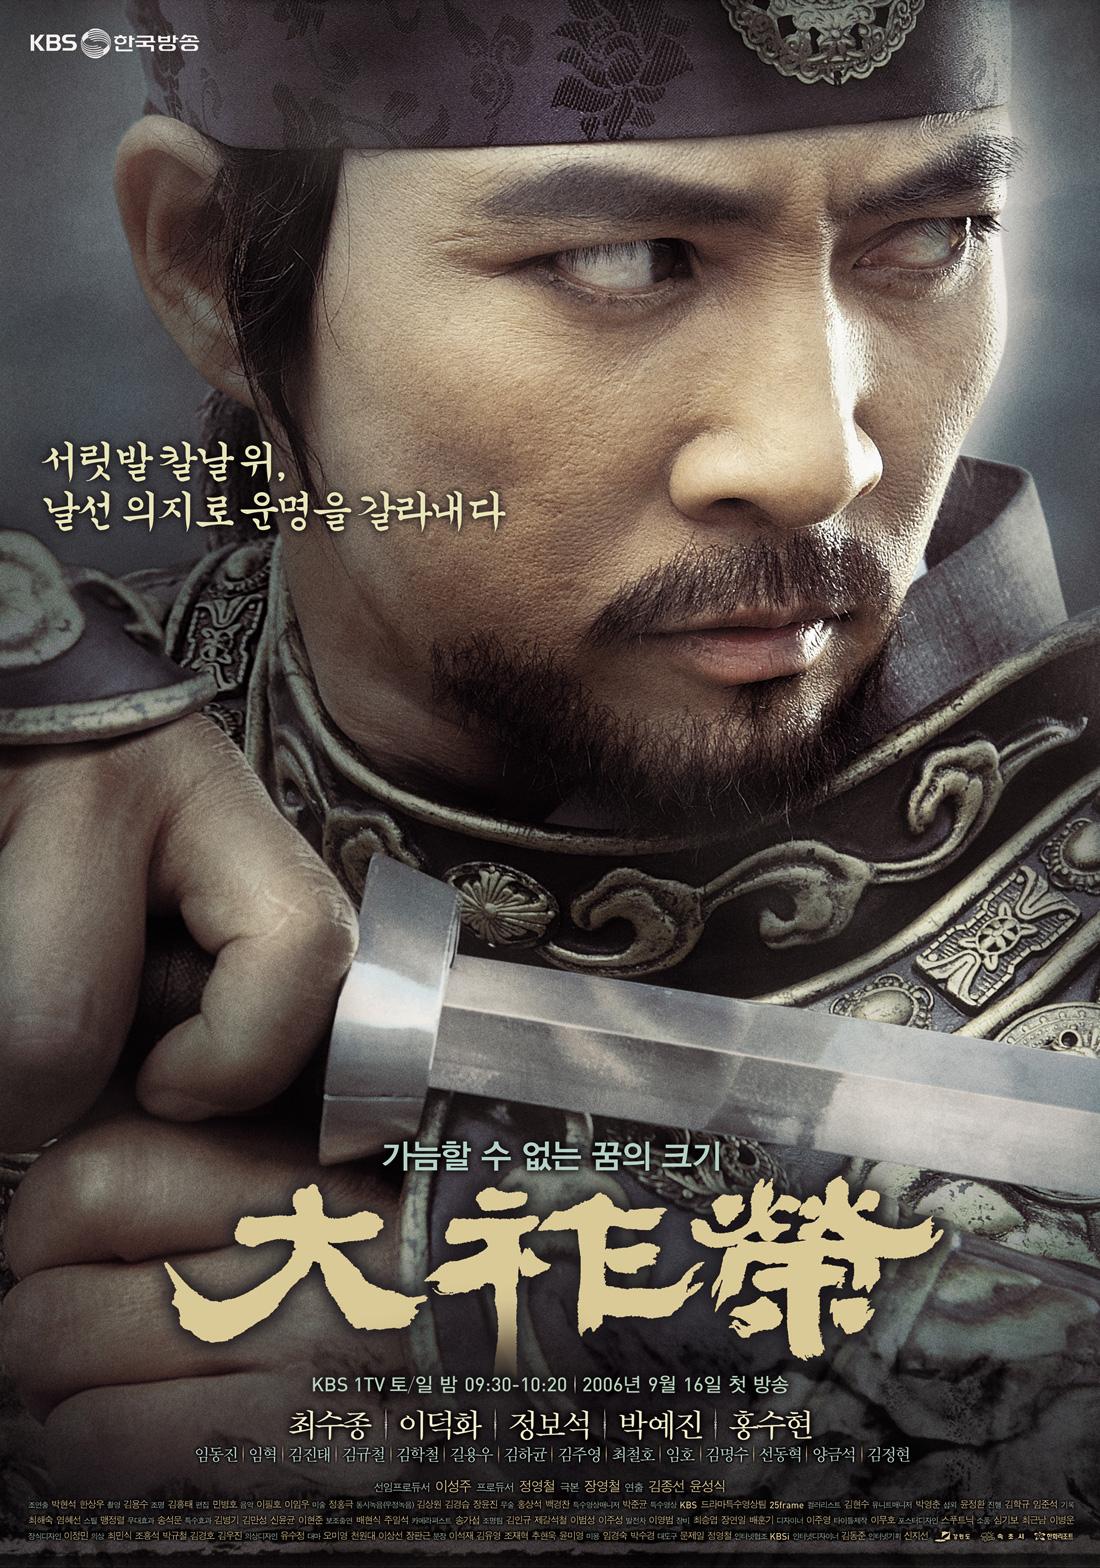 دانلود سریال کره ای شاه ته جویونگ